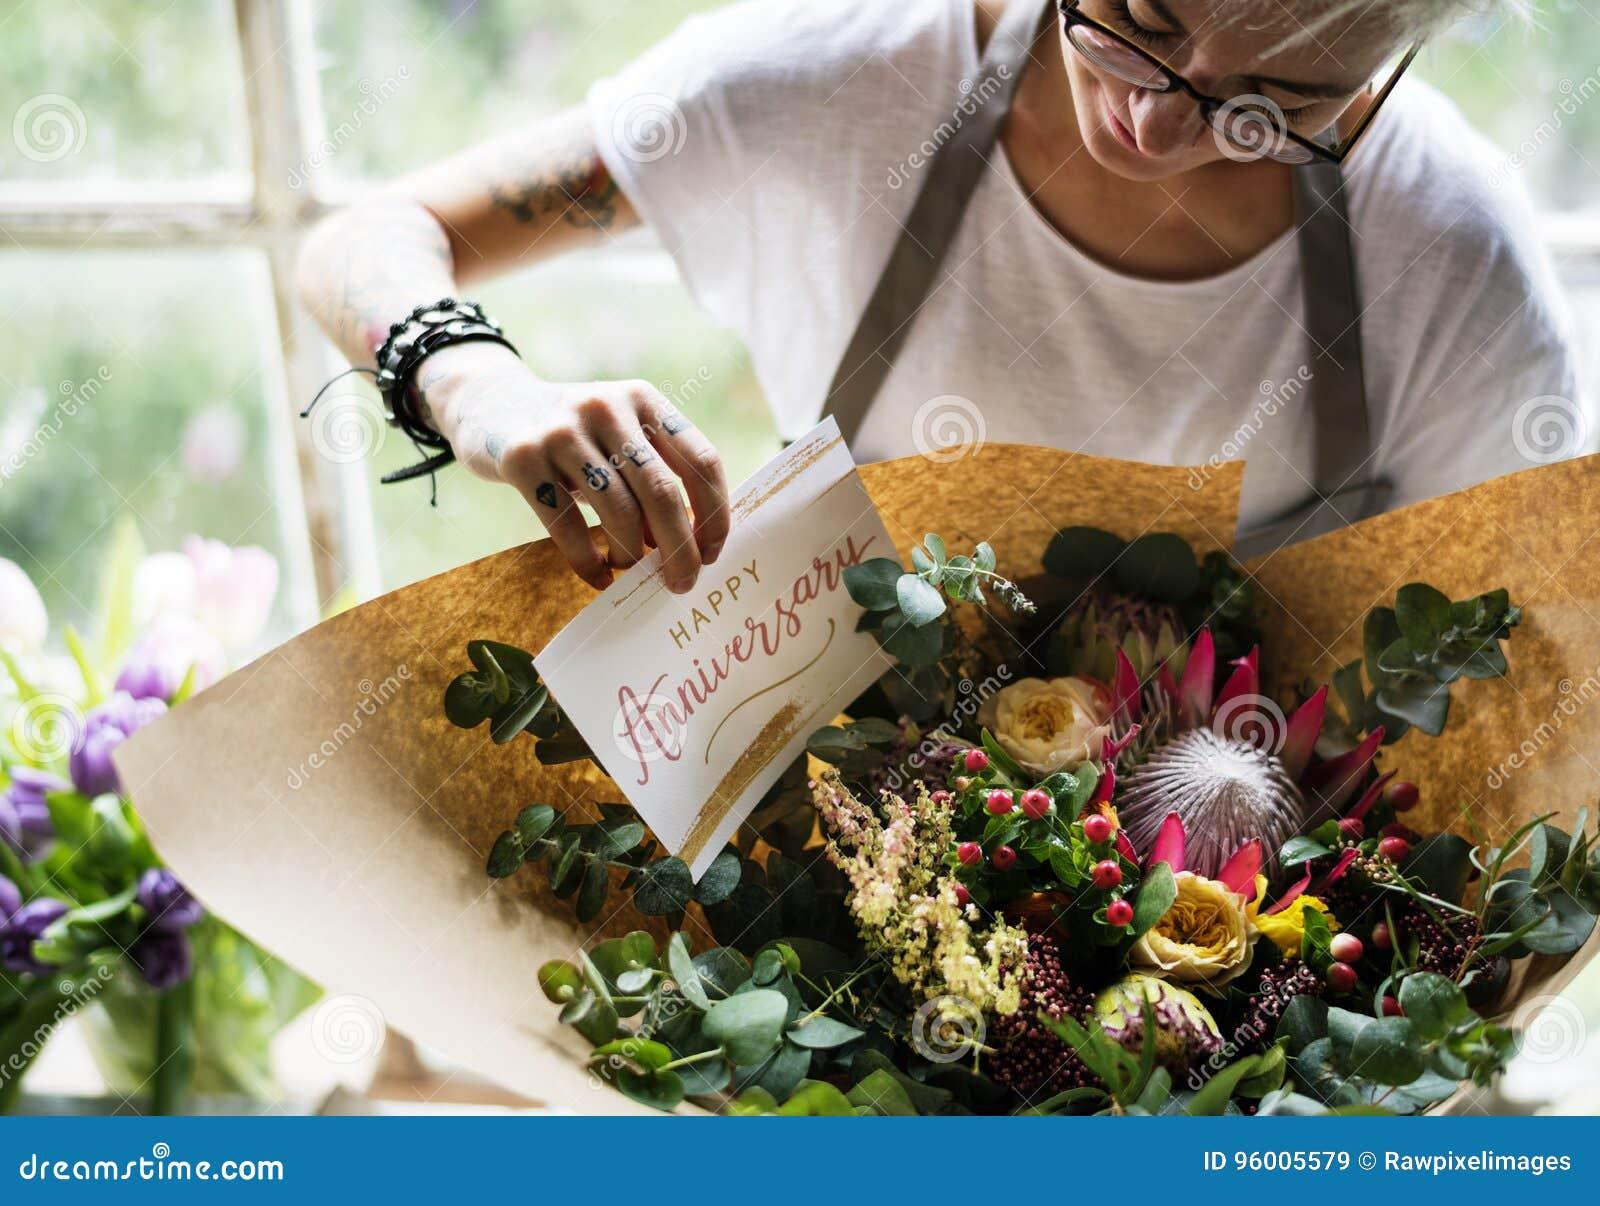 Florist Making Fresh Flowers Bouquet Arrangement With Happy Anni